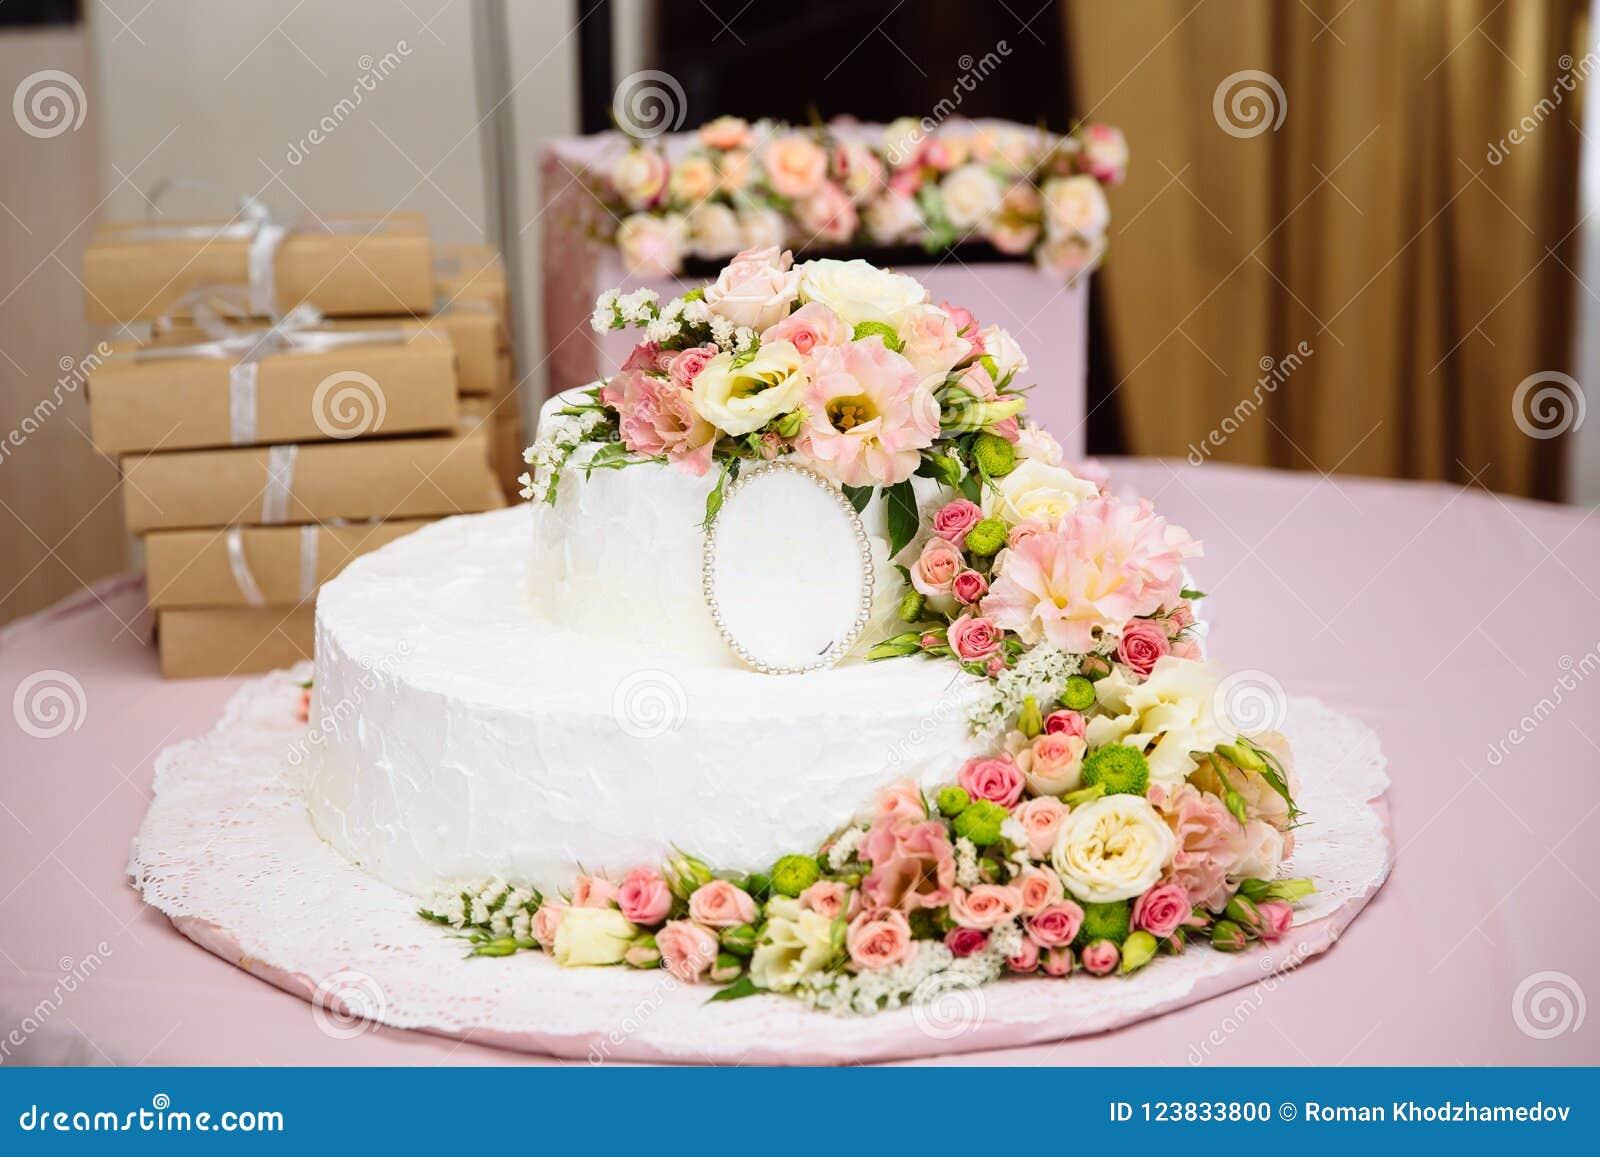 Nahaufnahmefoto Einer Hochzeitstorte Verziert Mit Frischen Blumen